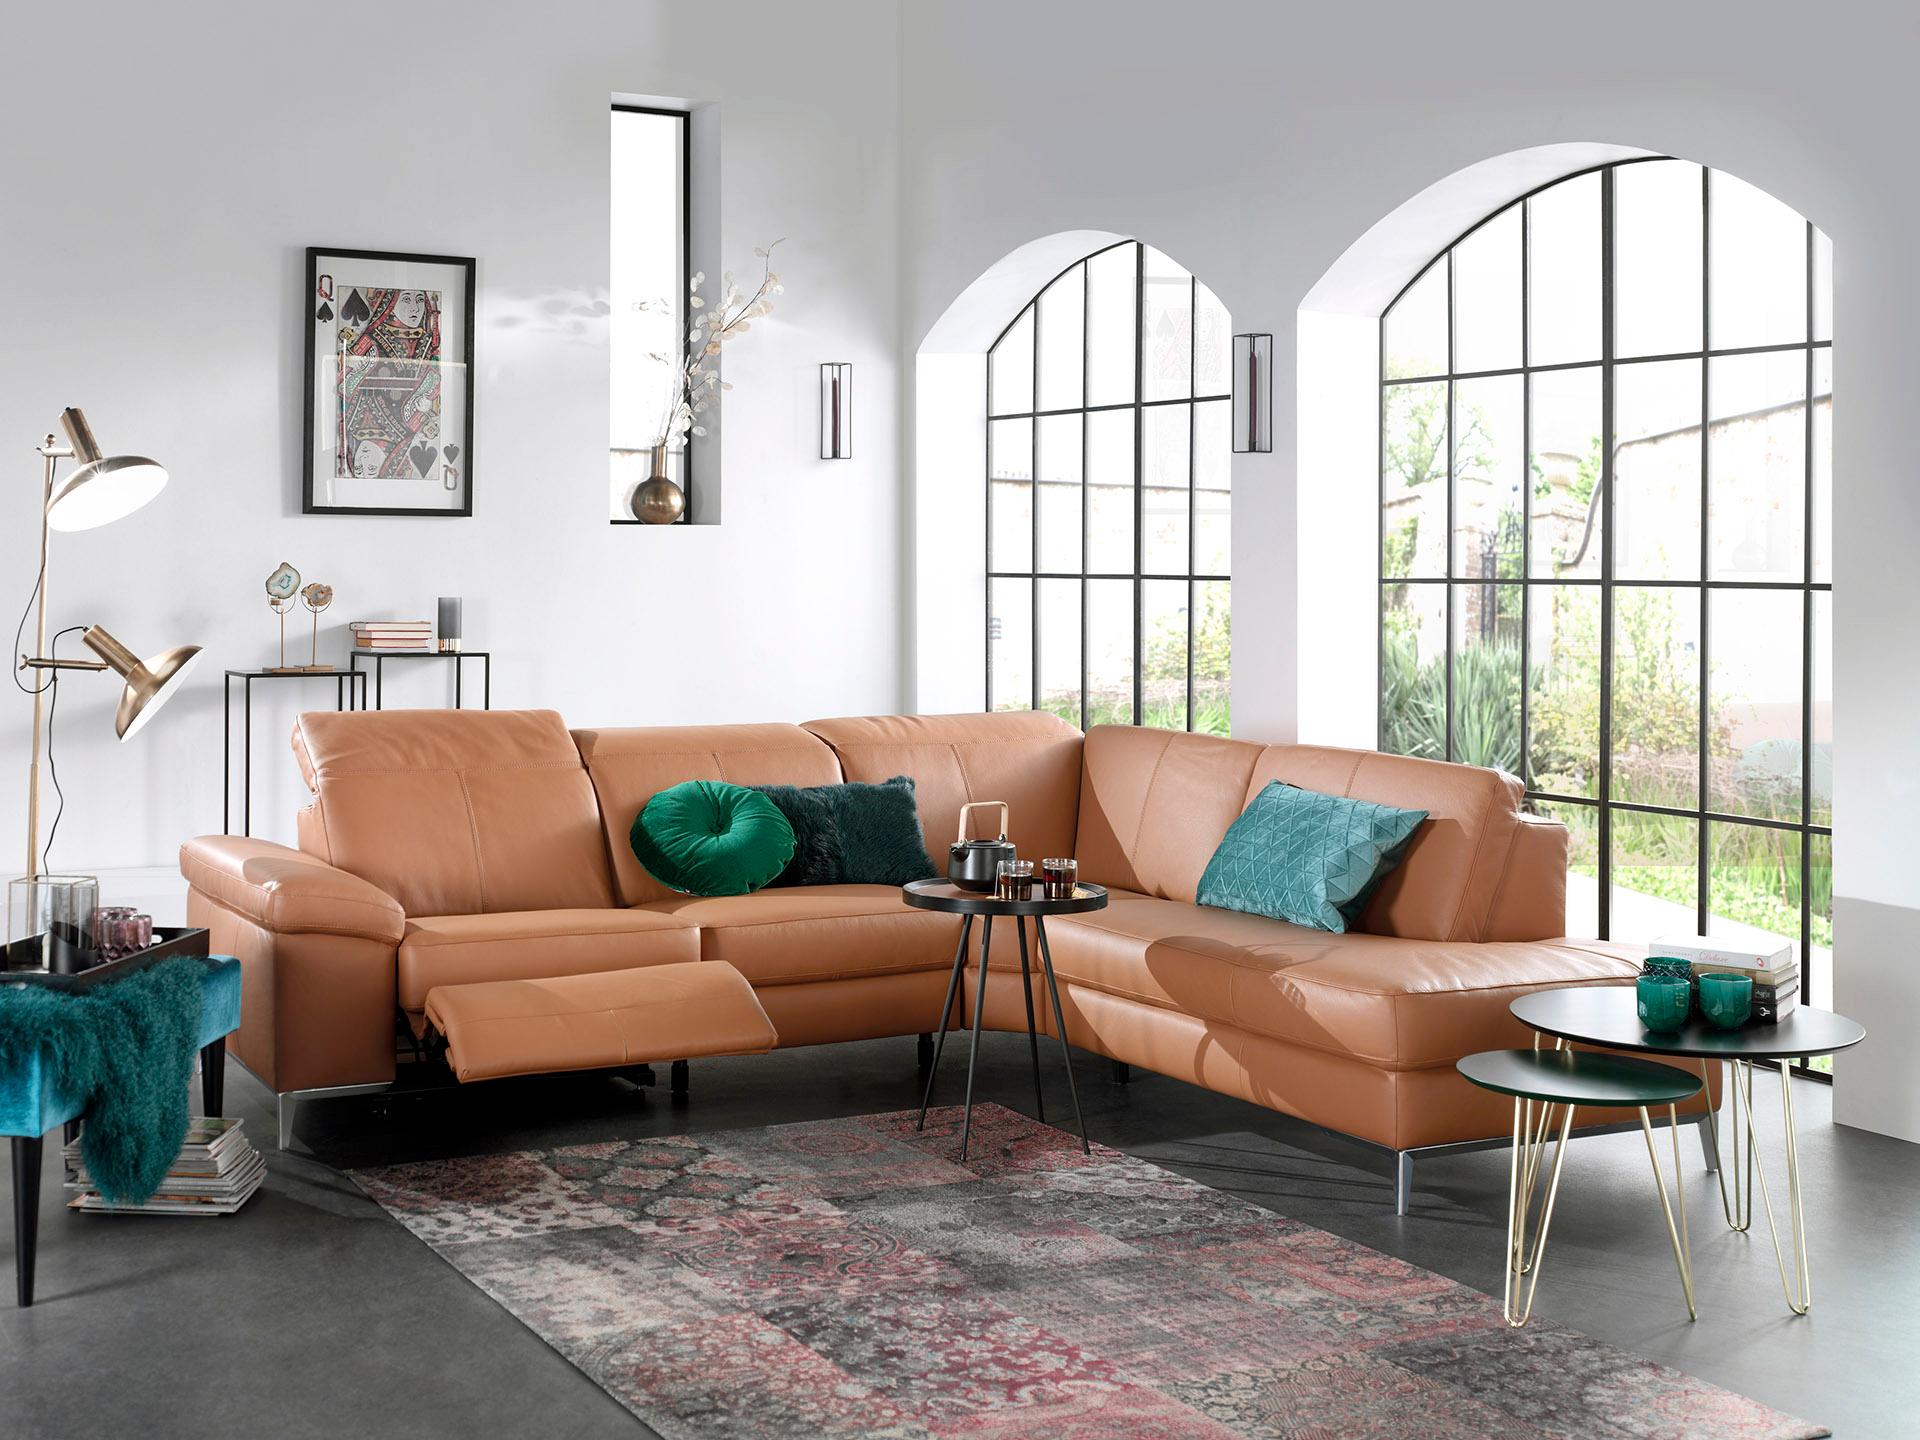 Hoeksalon In Leder Per 10 Cm Met Relaxfunctie Gero In 2020 Thuisdecoratie Meubel Ideeen Stoel Met Armleuning